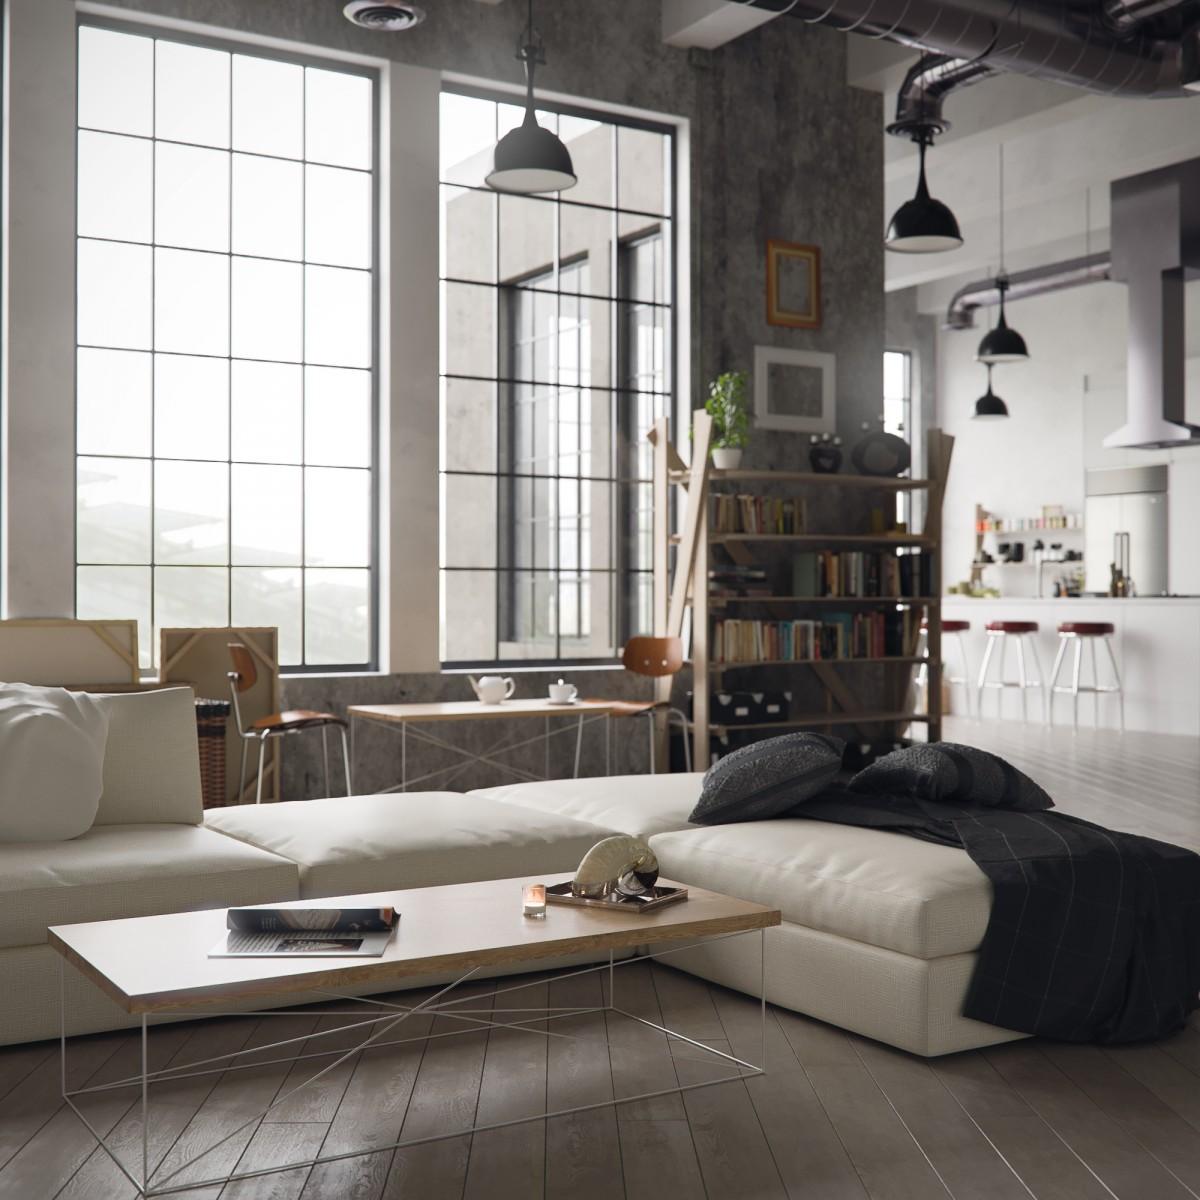 roomify Couchtisch MIGUEL - Wohnzimmertisch Farben: black&white